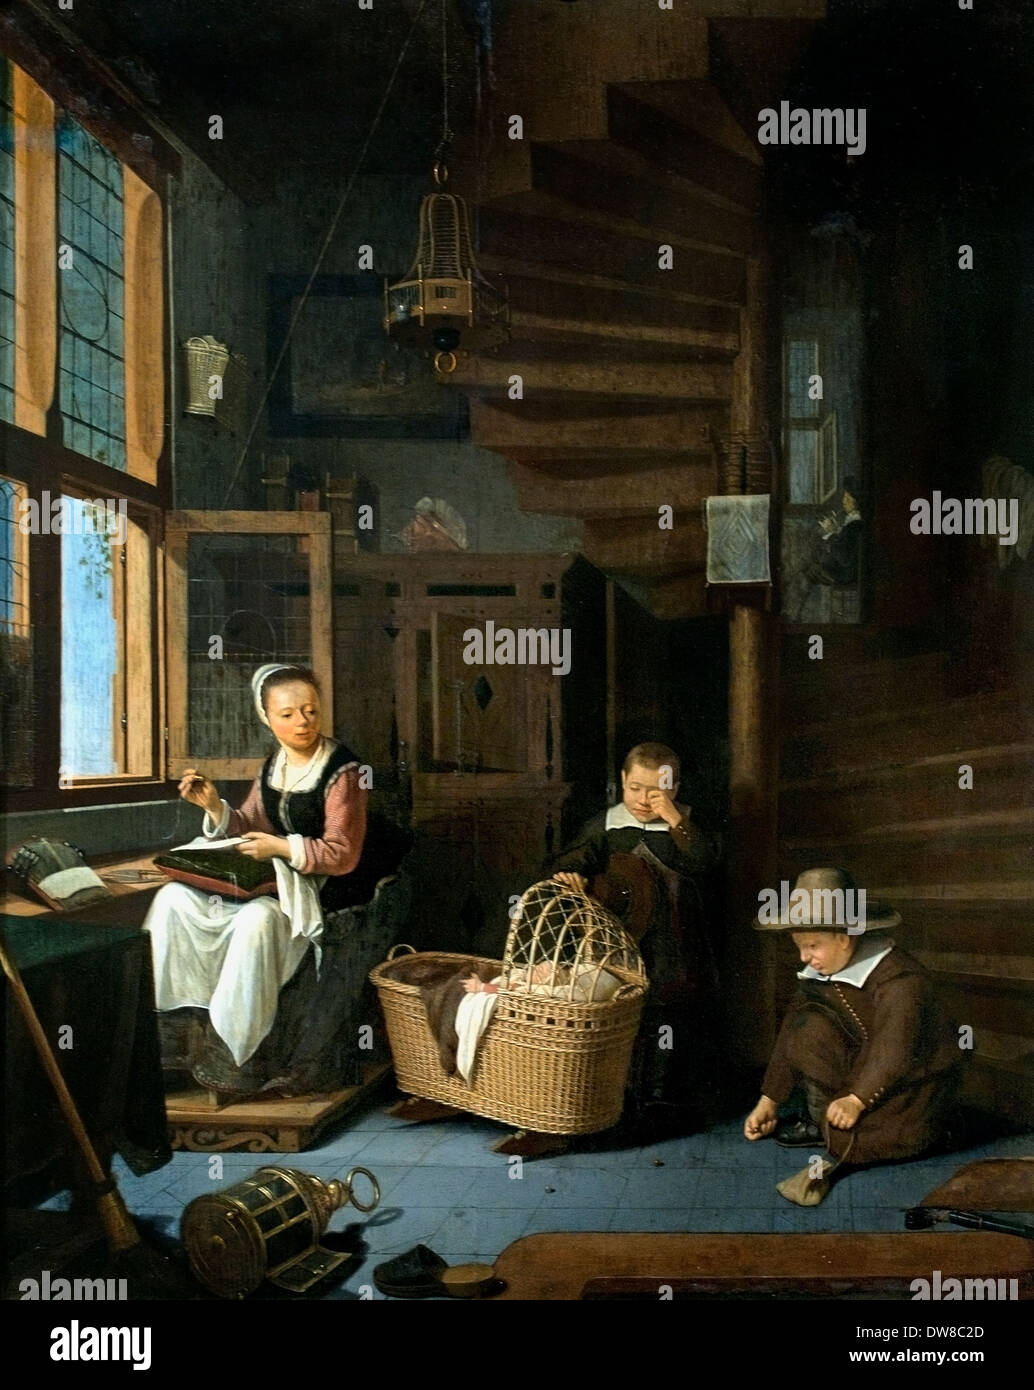 Adriaen van Gaesbeeck 1621 - 1650 madre coser con dos chicos en la cuna 1645 Holanda Holandesa Imagen De Stock